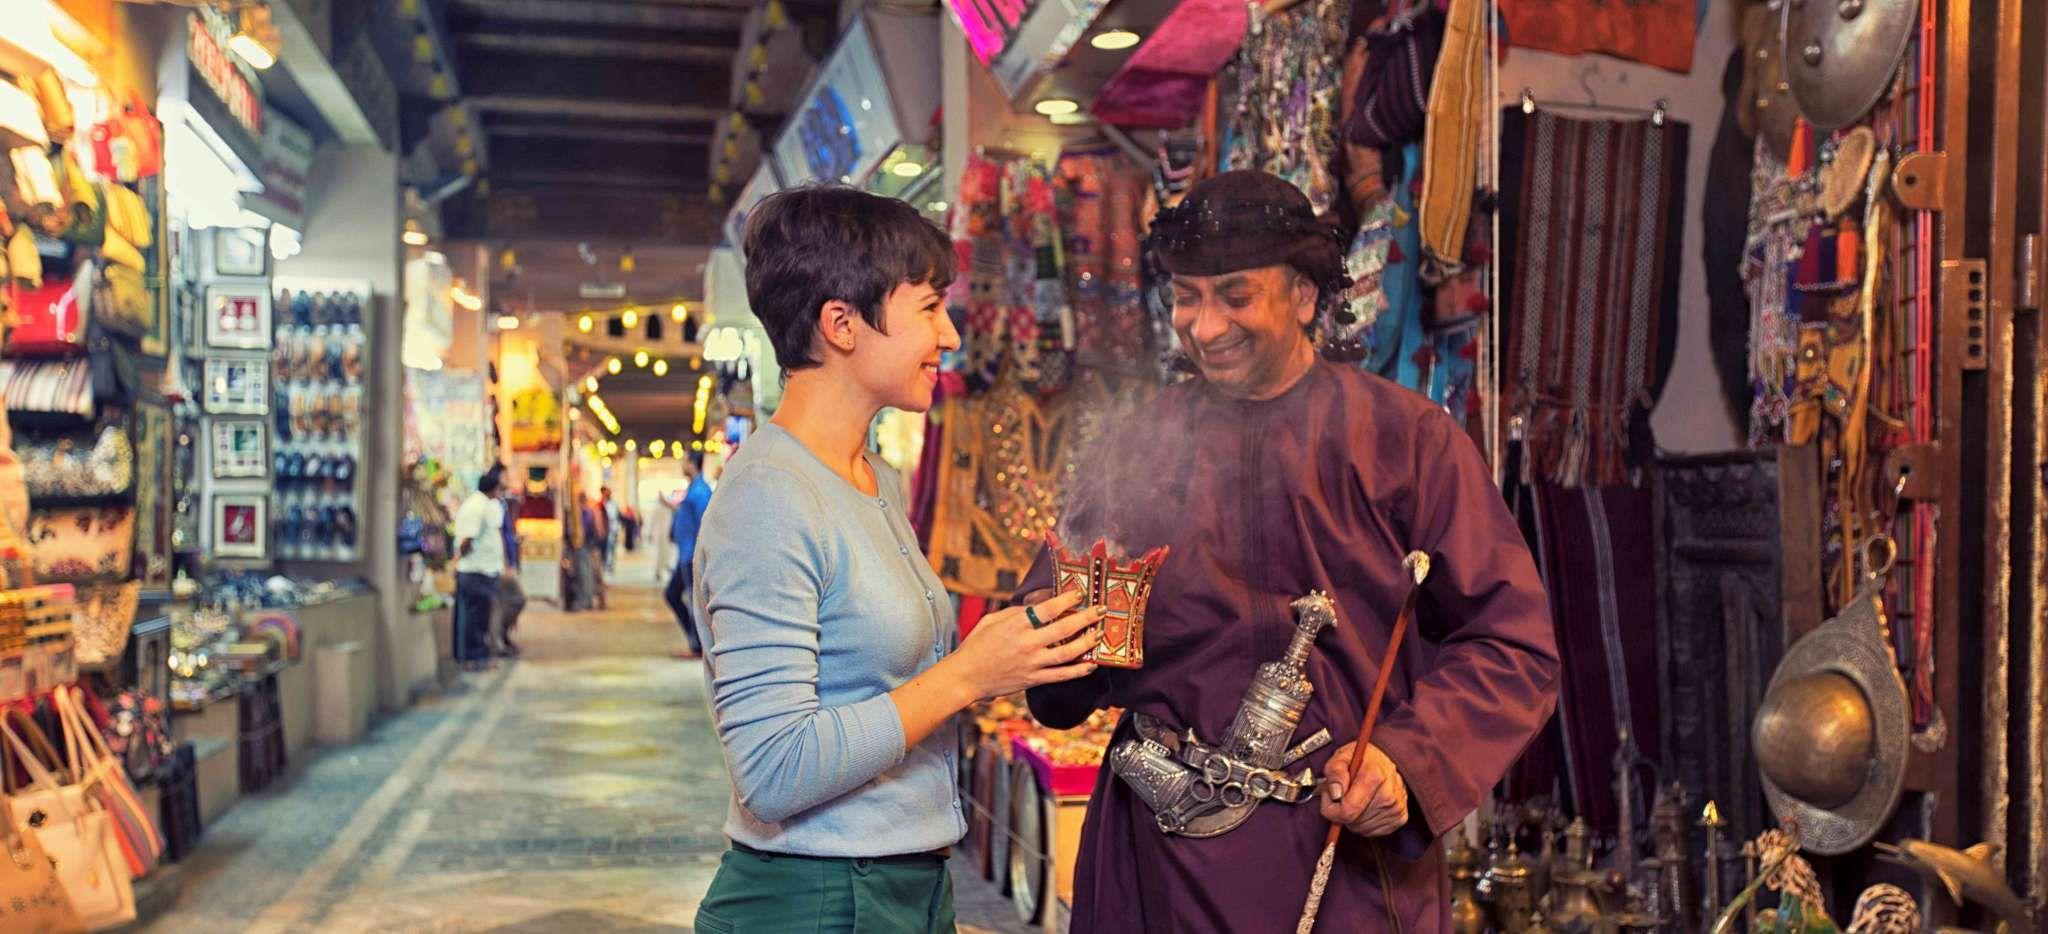 Frau verhandelt mit Mann über Weihrauch auf dem Basar Muttrah in Muskat, Oman